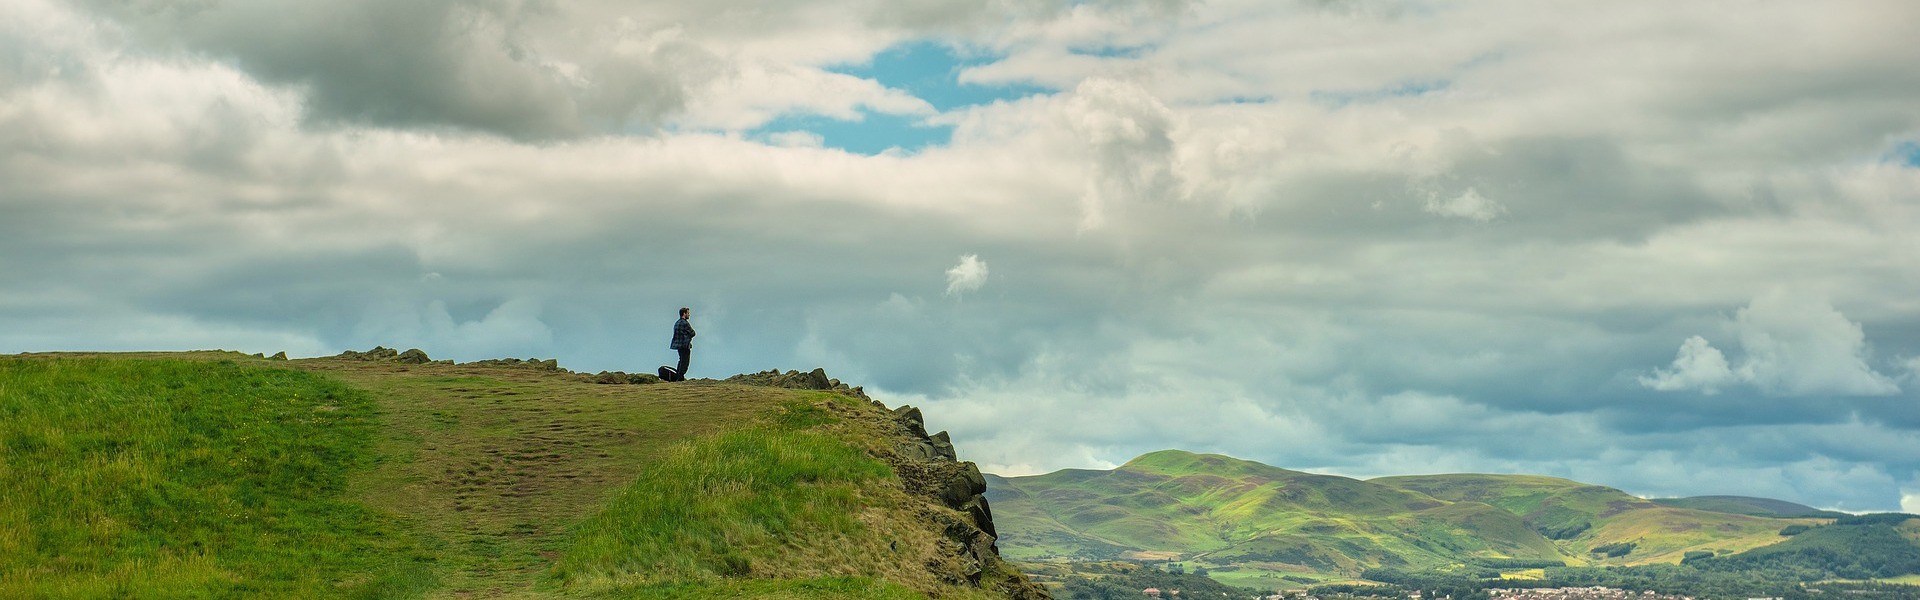 Man on hill overlooking Edinburgh